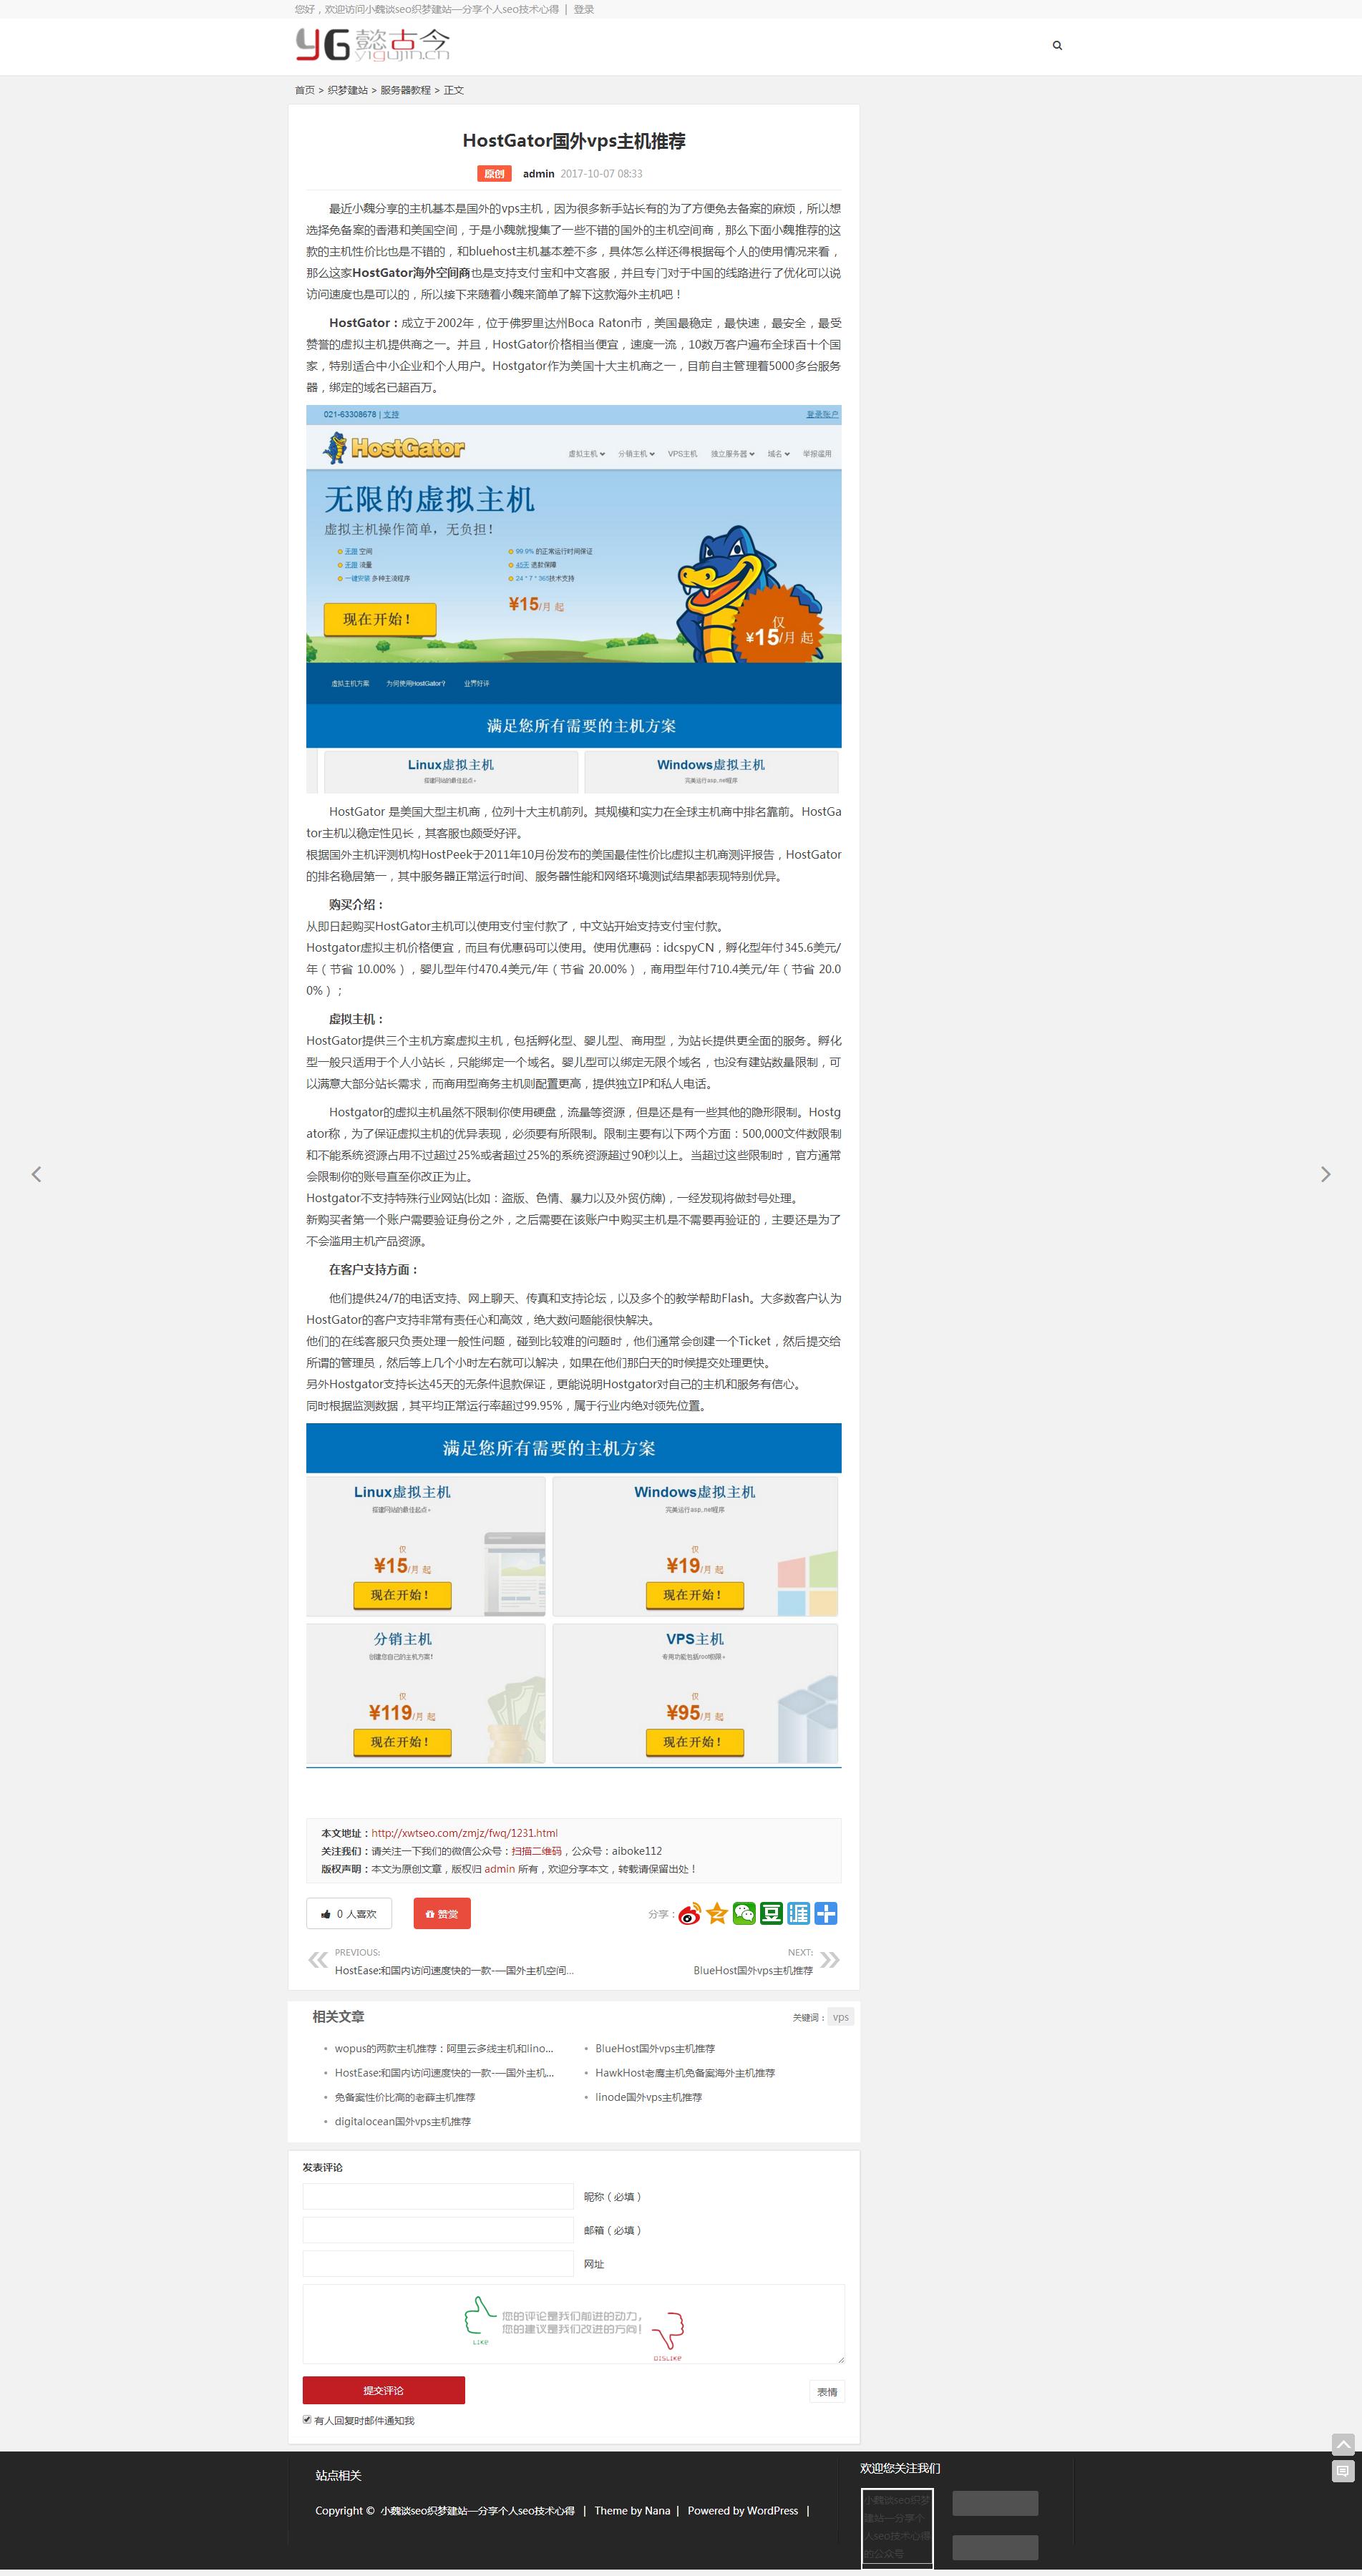 WordPress免费清新响应式博客/杂志/图片三合一主题Nana的pc端内容页预览